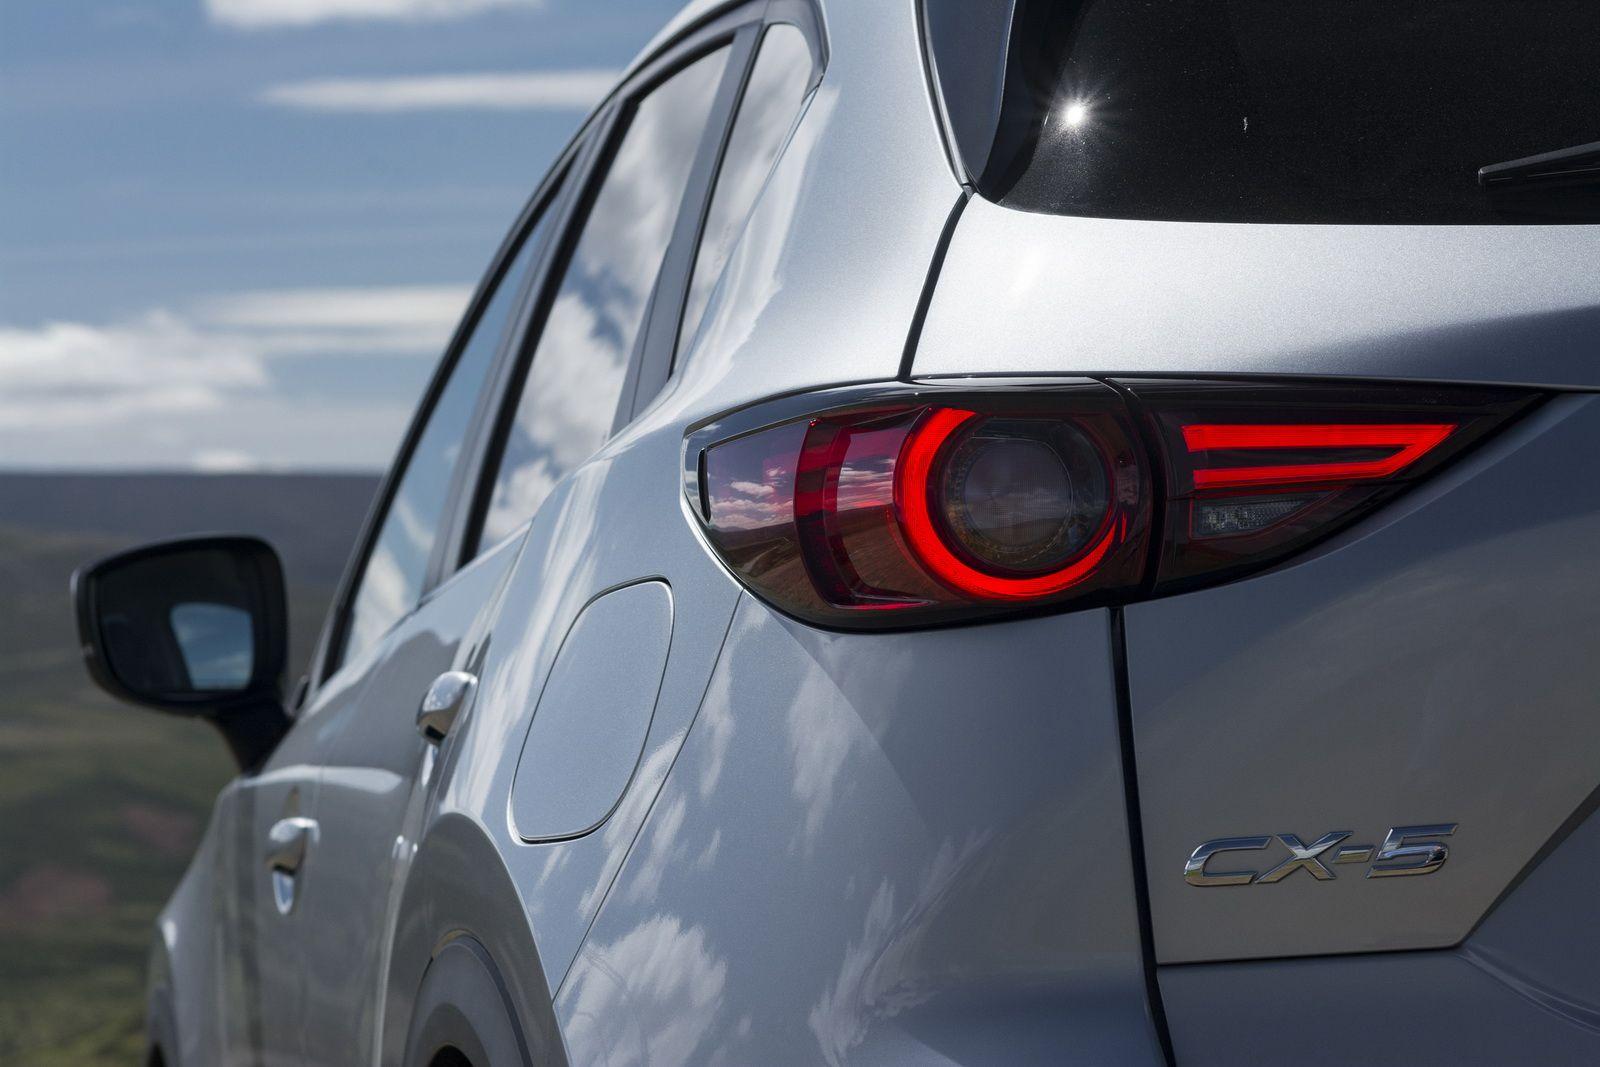 2017 Mazda Cx 5 Priced From 23 695 In The Uk 46 Pics Carscoops Mazda Mazda Cx5 Luxury Suv